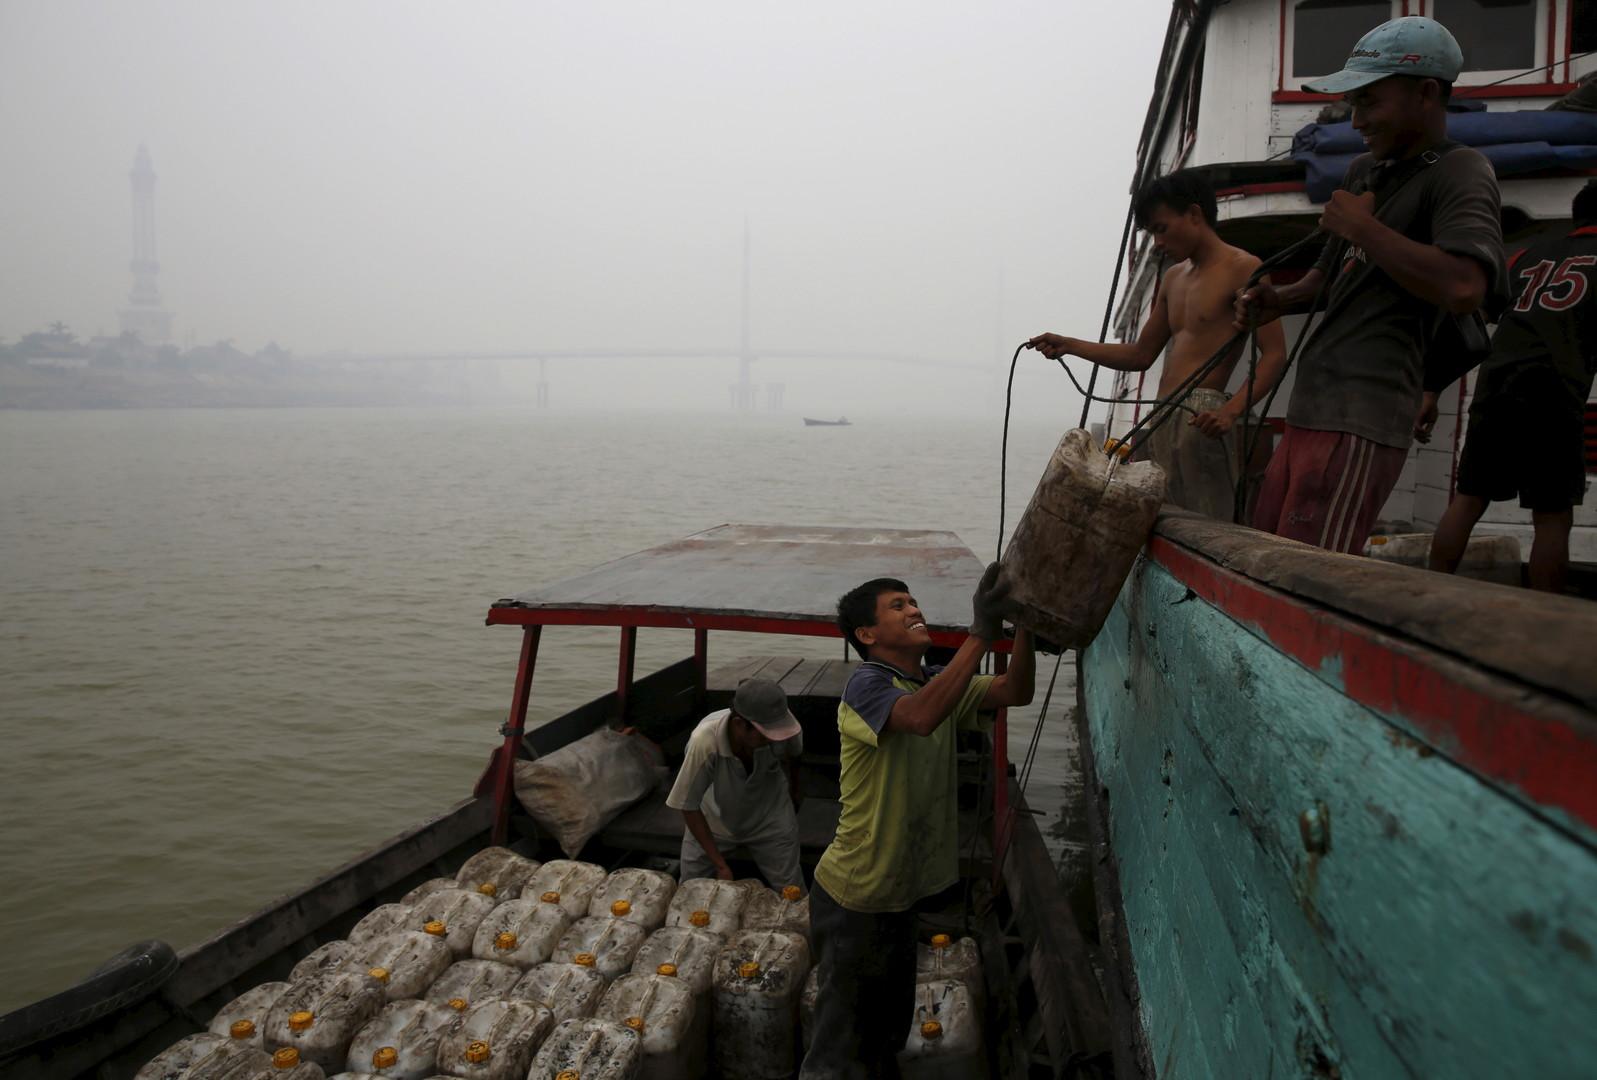 غرق سفينة صيد إندونيسية ومقتل وفقدان العشرات على متنها